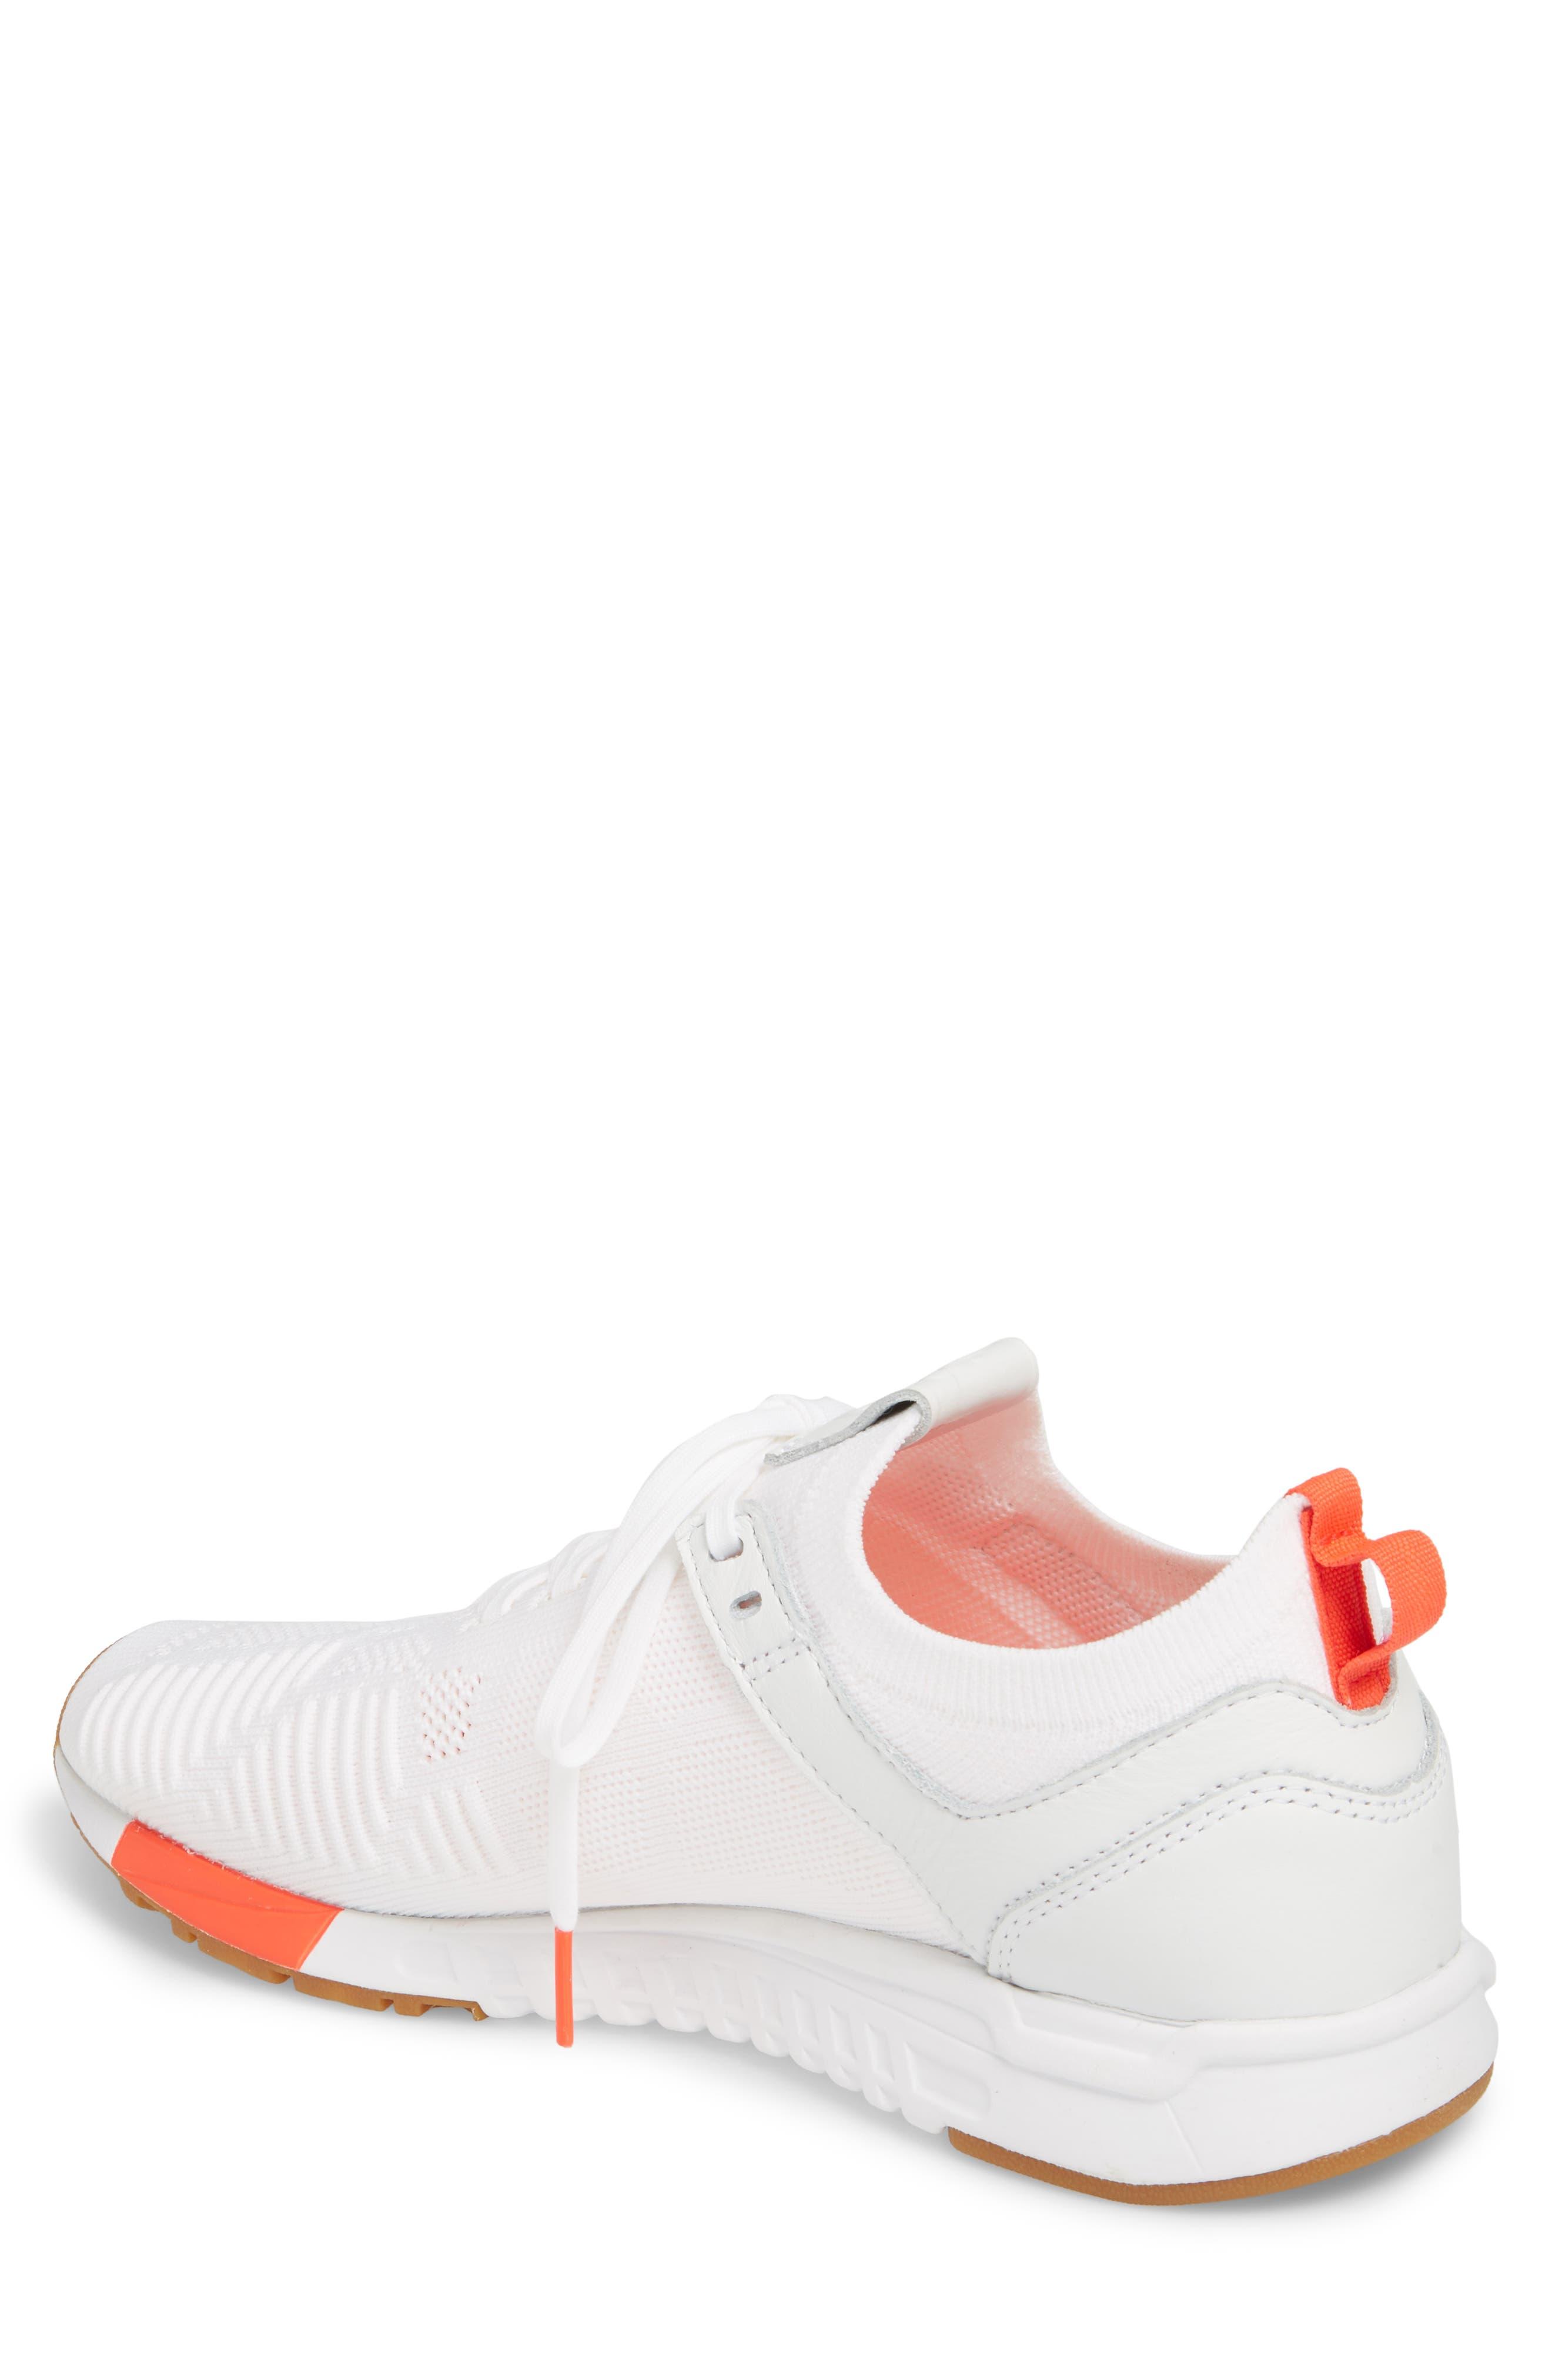 247 Sneaker,                             Alternate thumbnail 2, color,                             WHITE